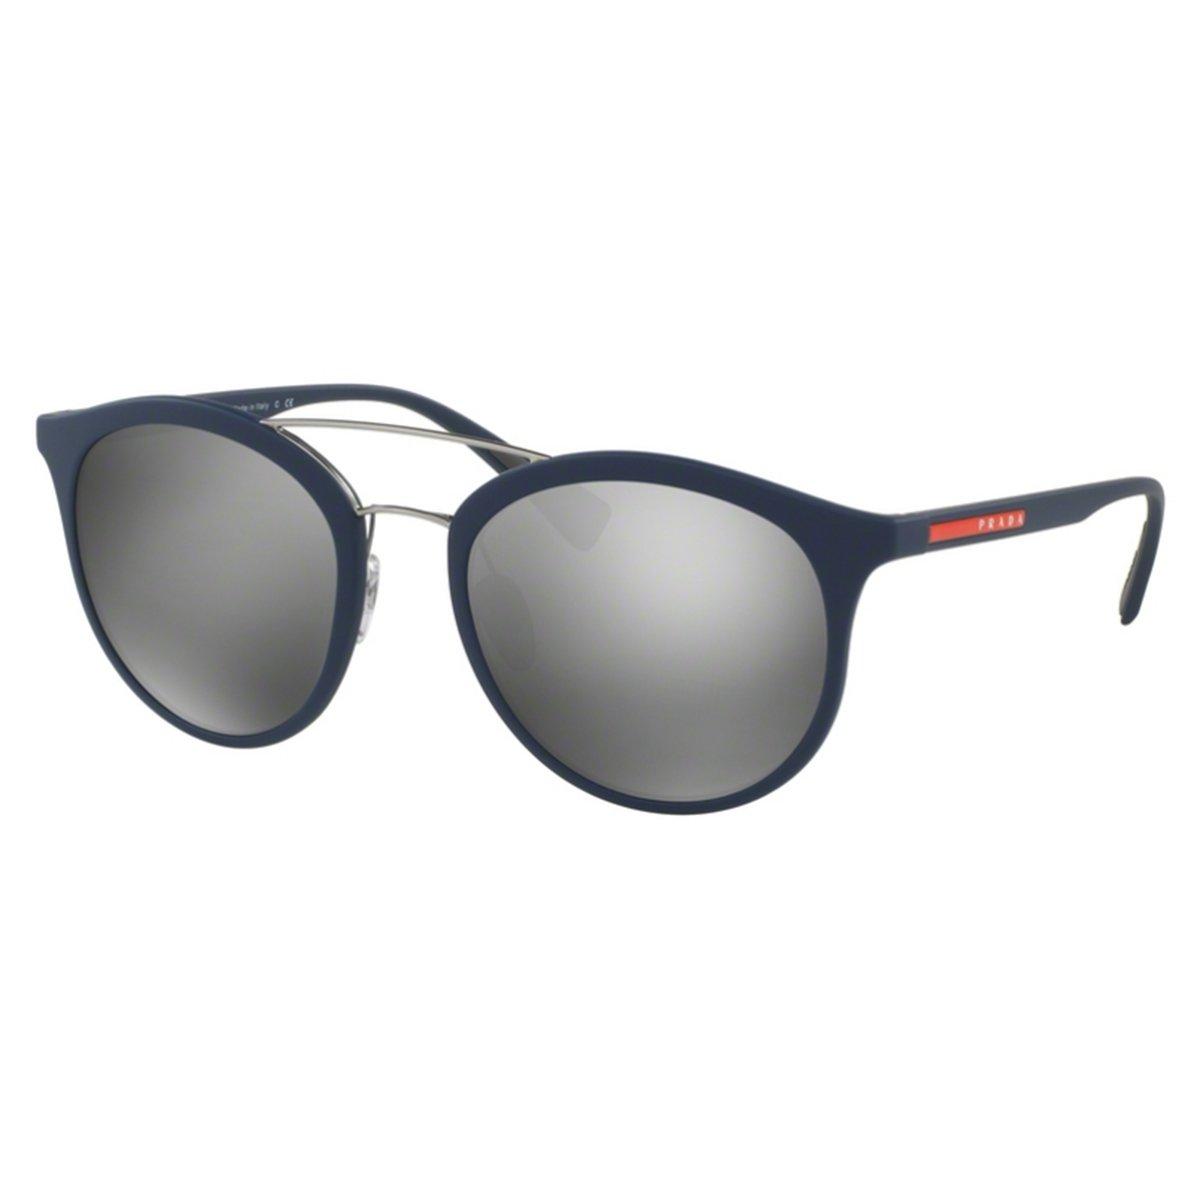 3ae5c374e Compre Óculos de Sol Prada Sport em 10X   Tri-Jóia Shop